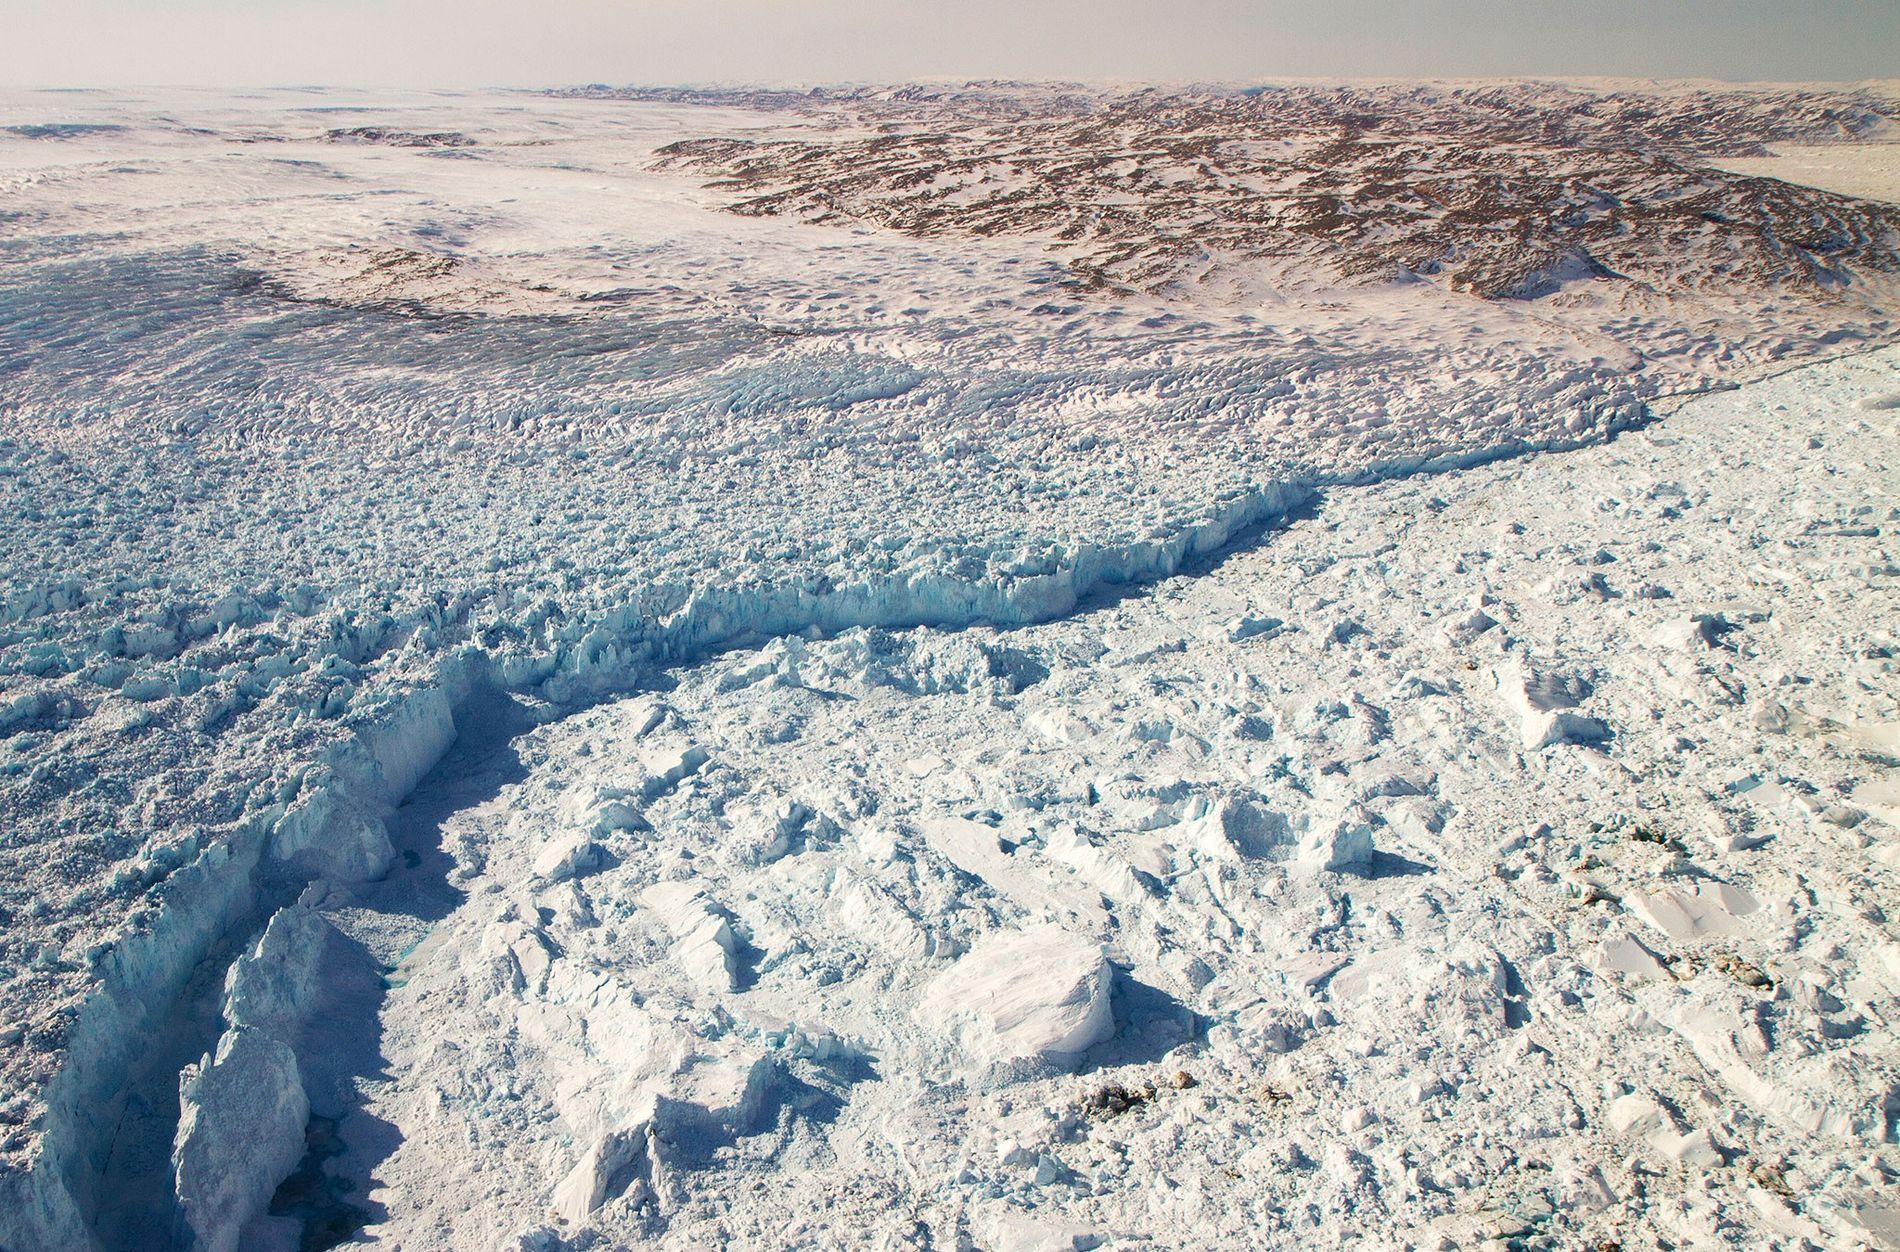 Au bord du glacier Jakobshavn Isbræ, dans l'ouest du Groenland, des icebergs se détachent et se reforment.